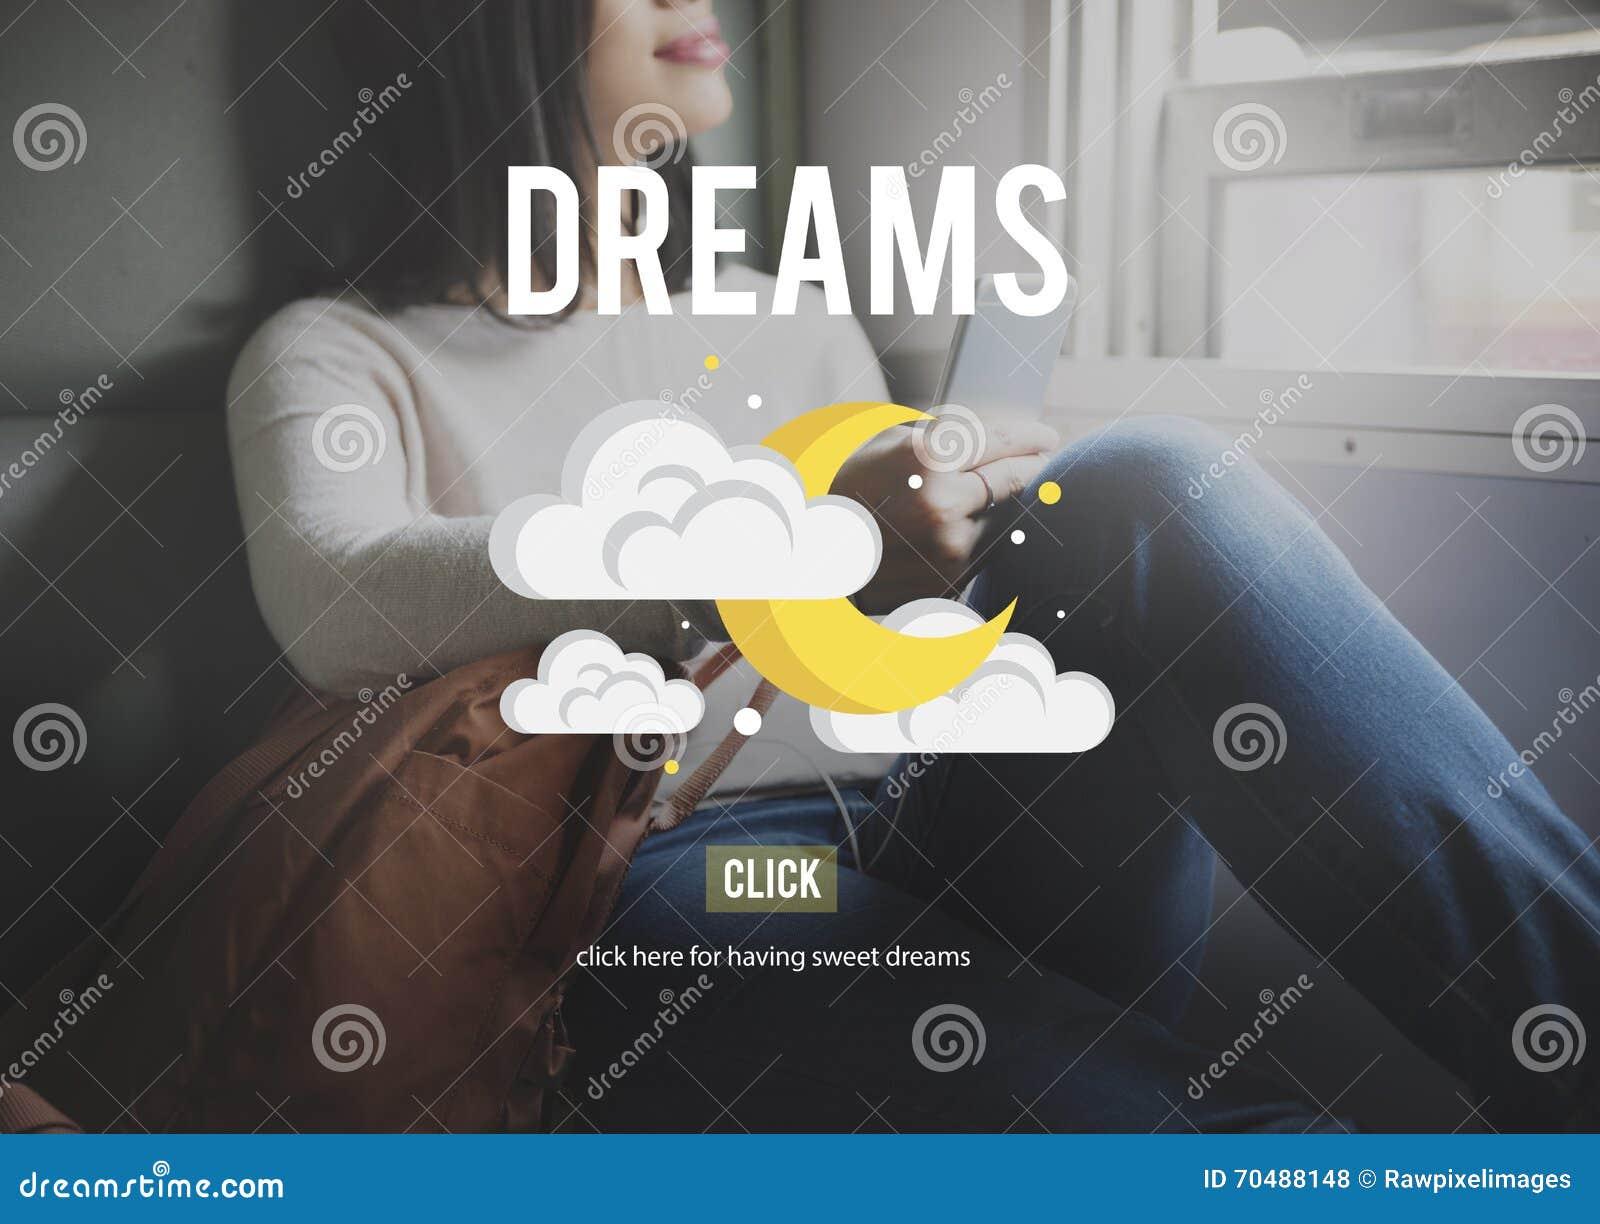 La aspiración de los sueños cree concepto de la motivación de la inspiración